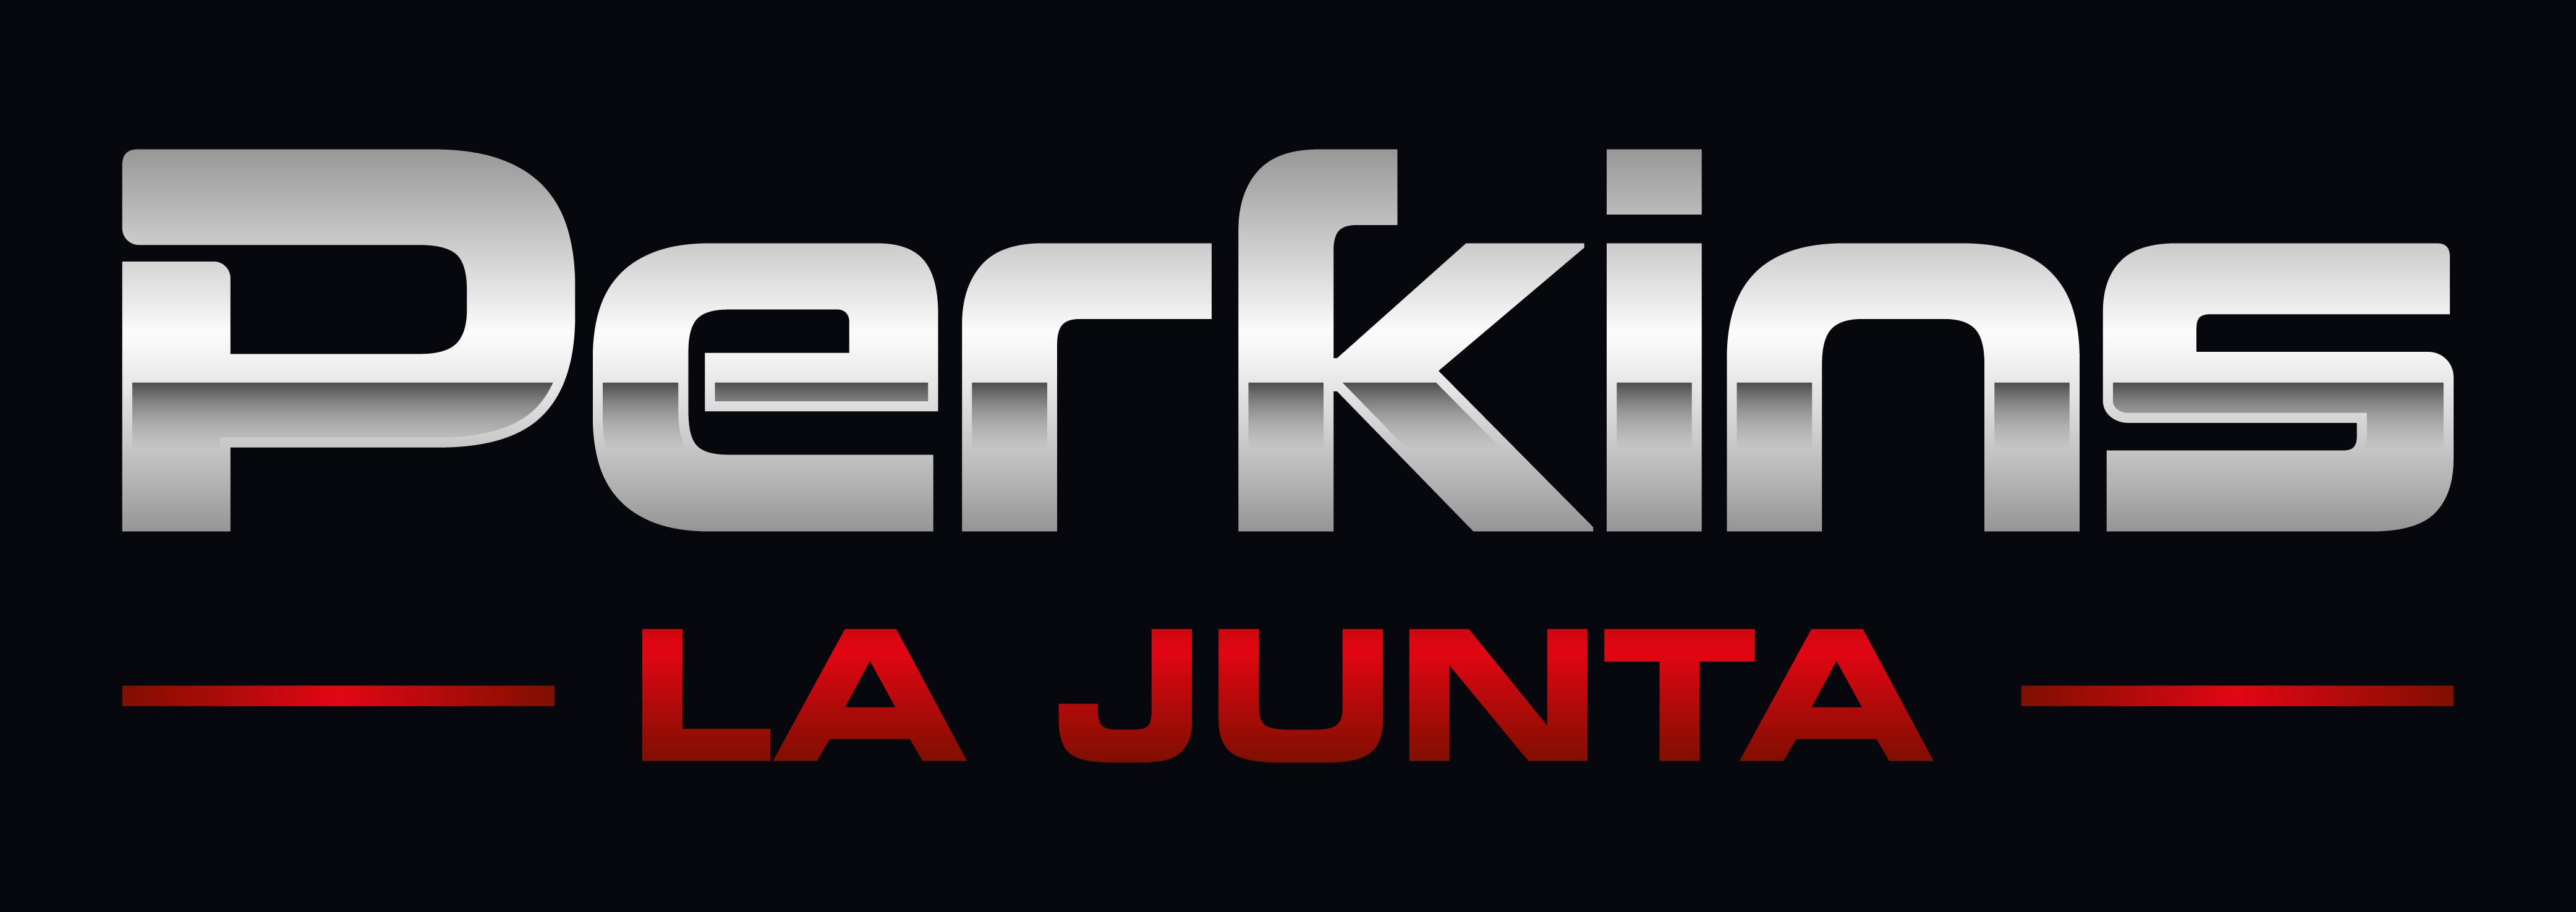 Perkins La Junta